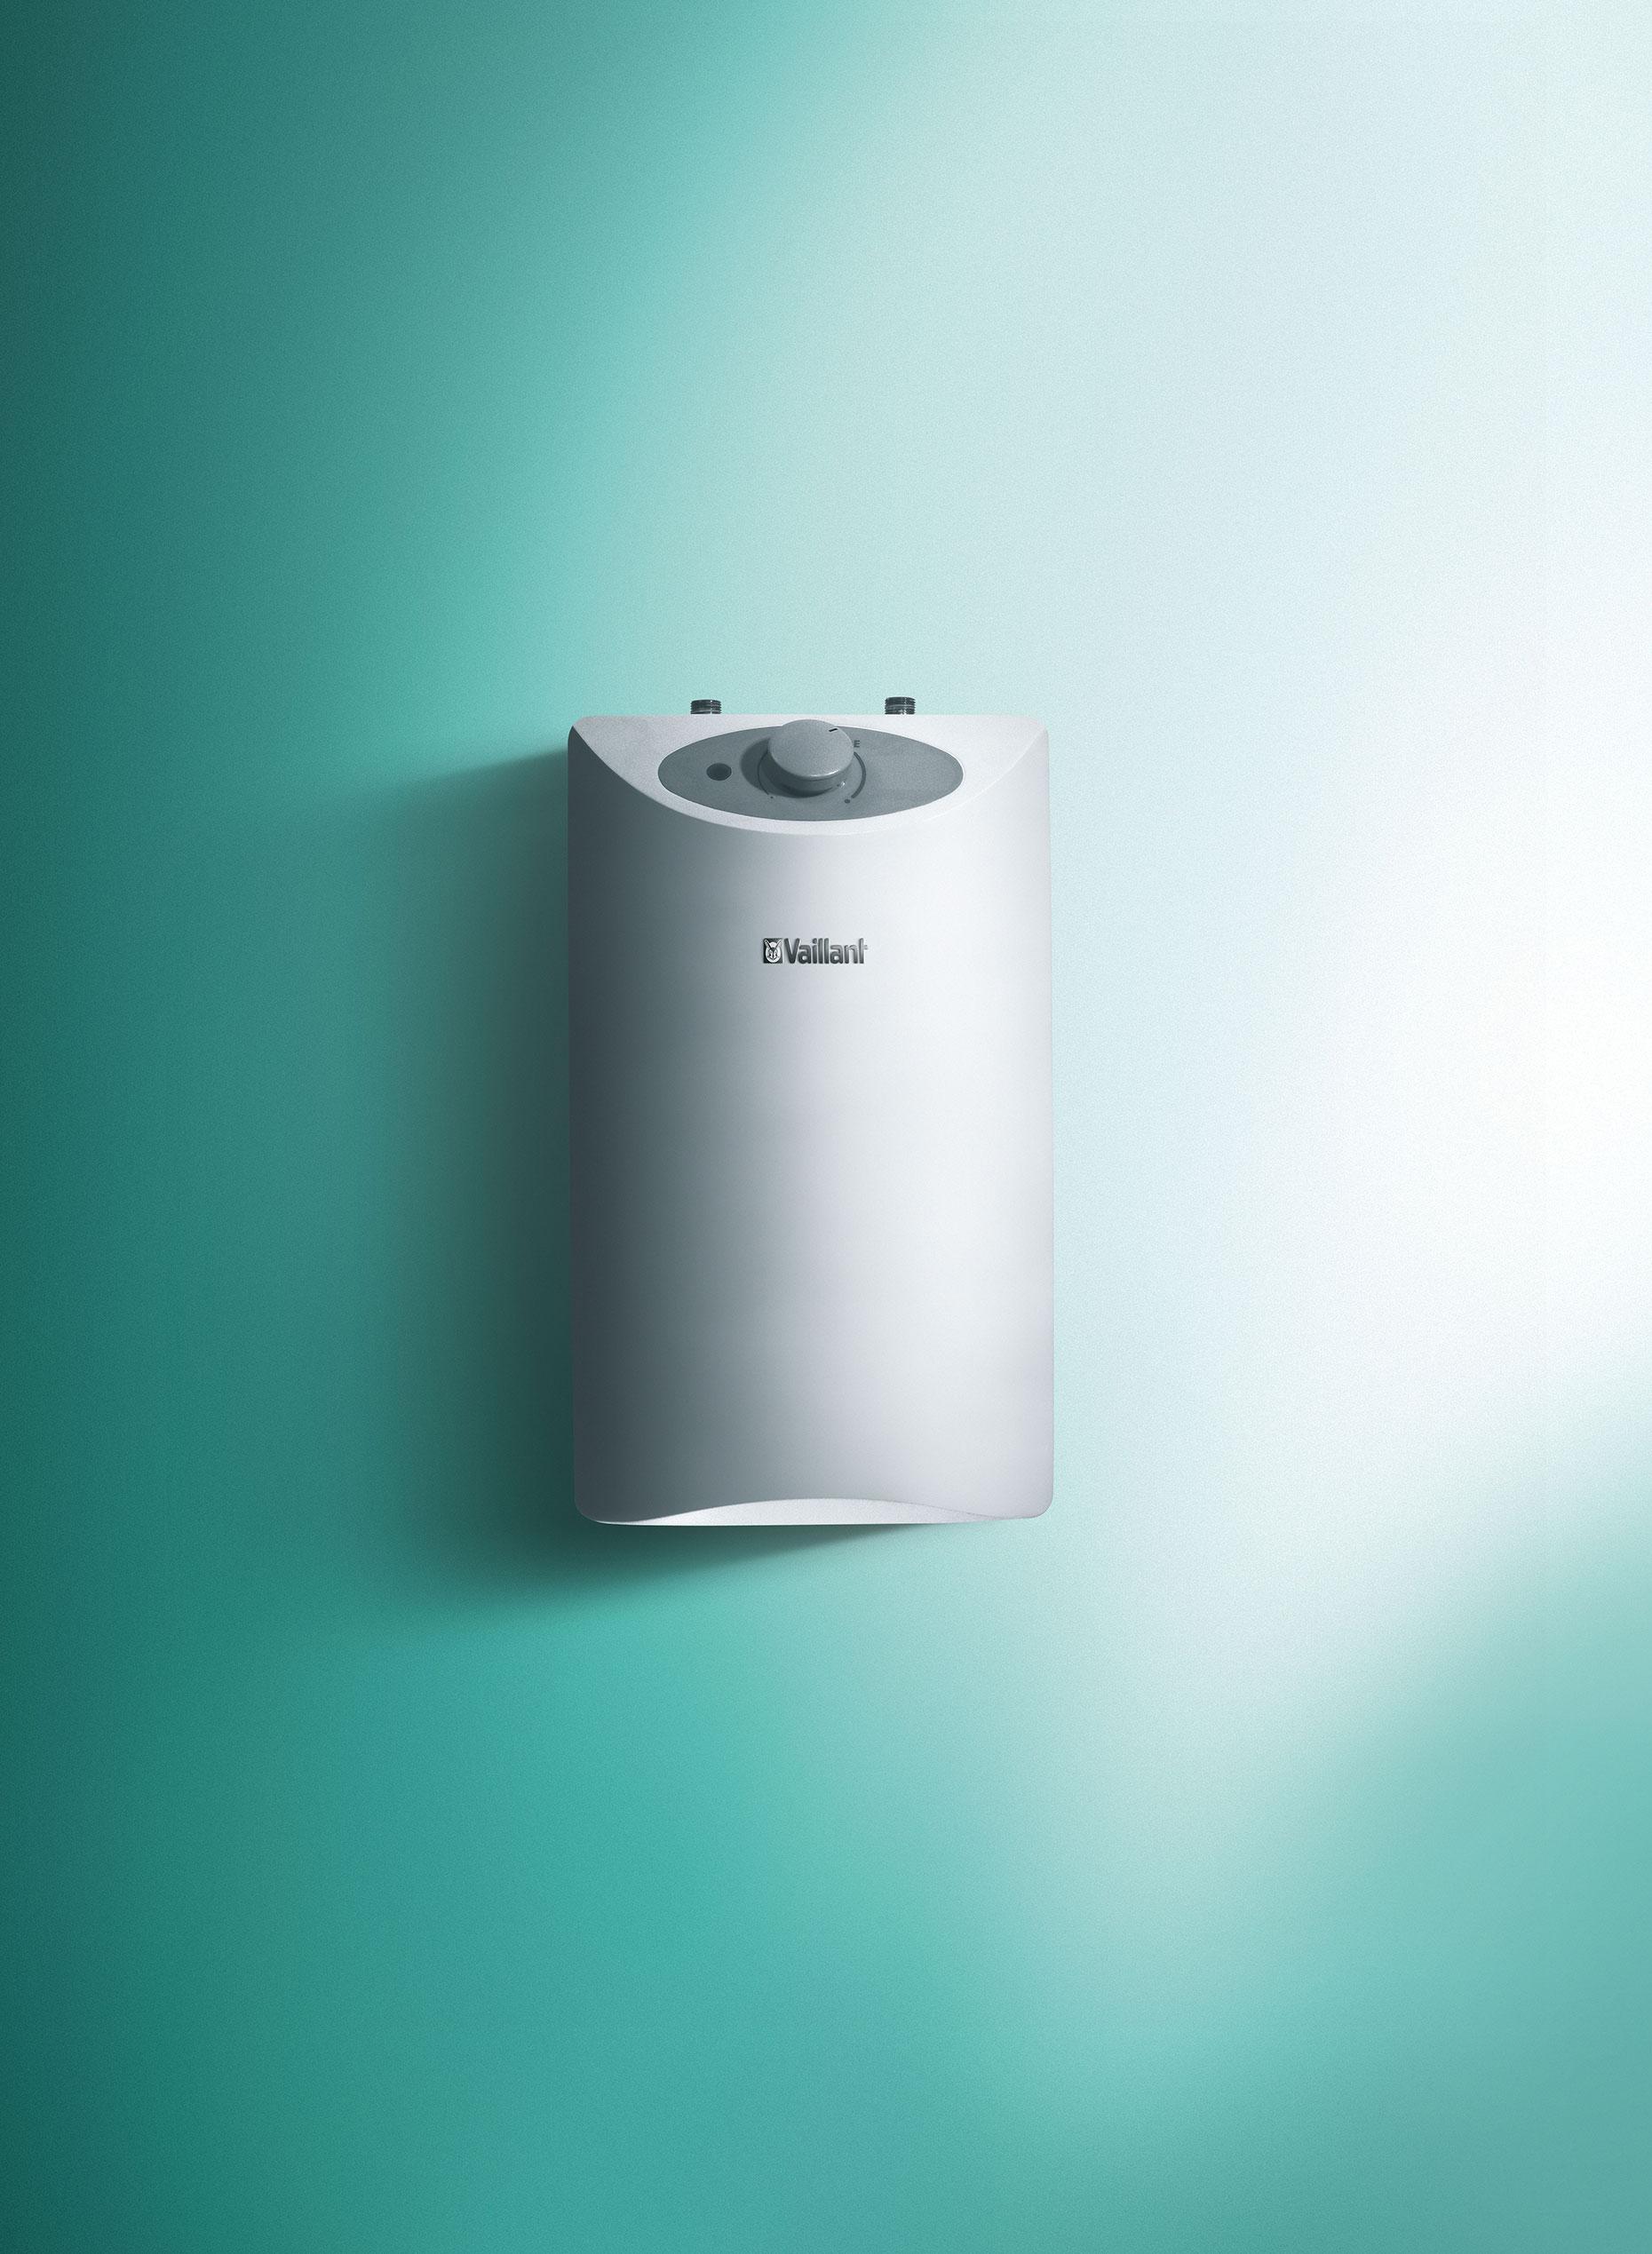 Pr parateur d 39 eau chaude sanitaire lectrique ven classic for Temperature ideale eau chaude sanitaire